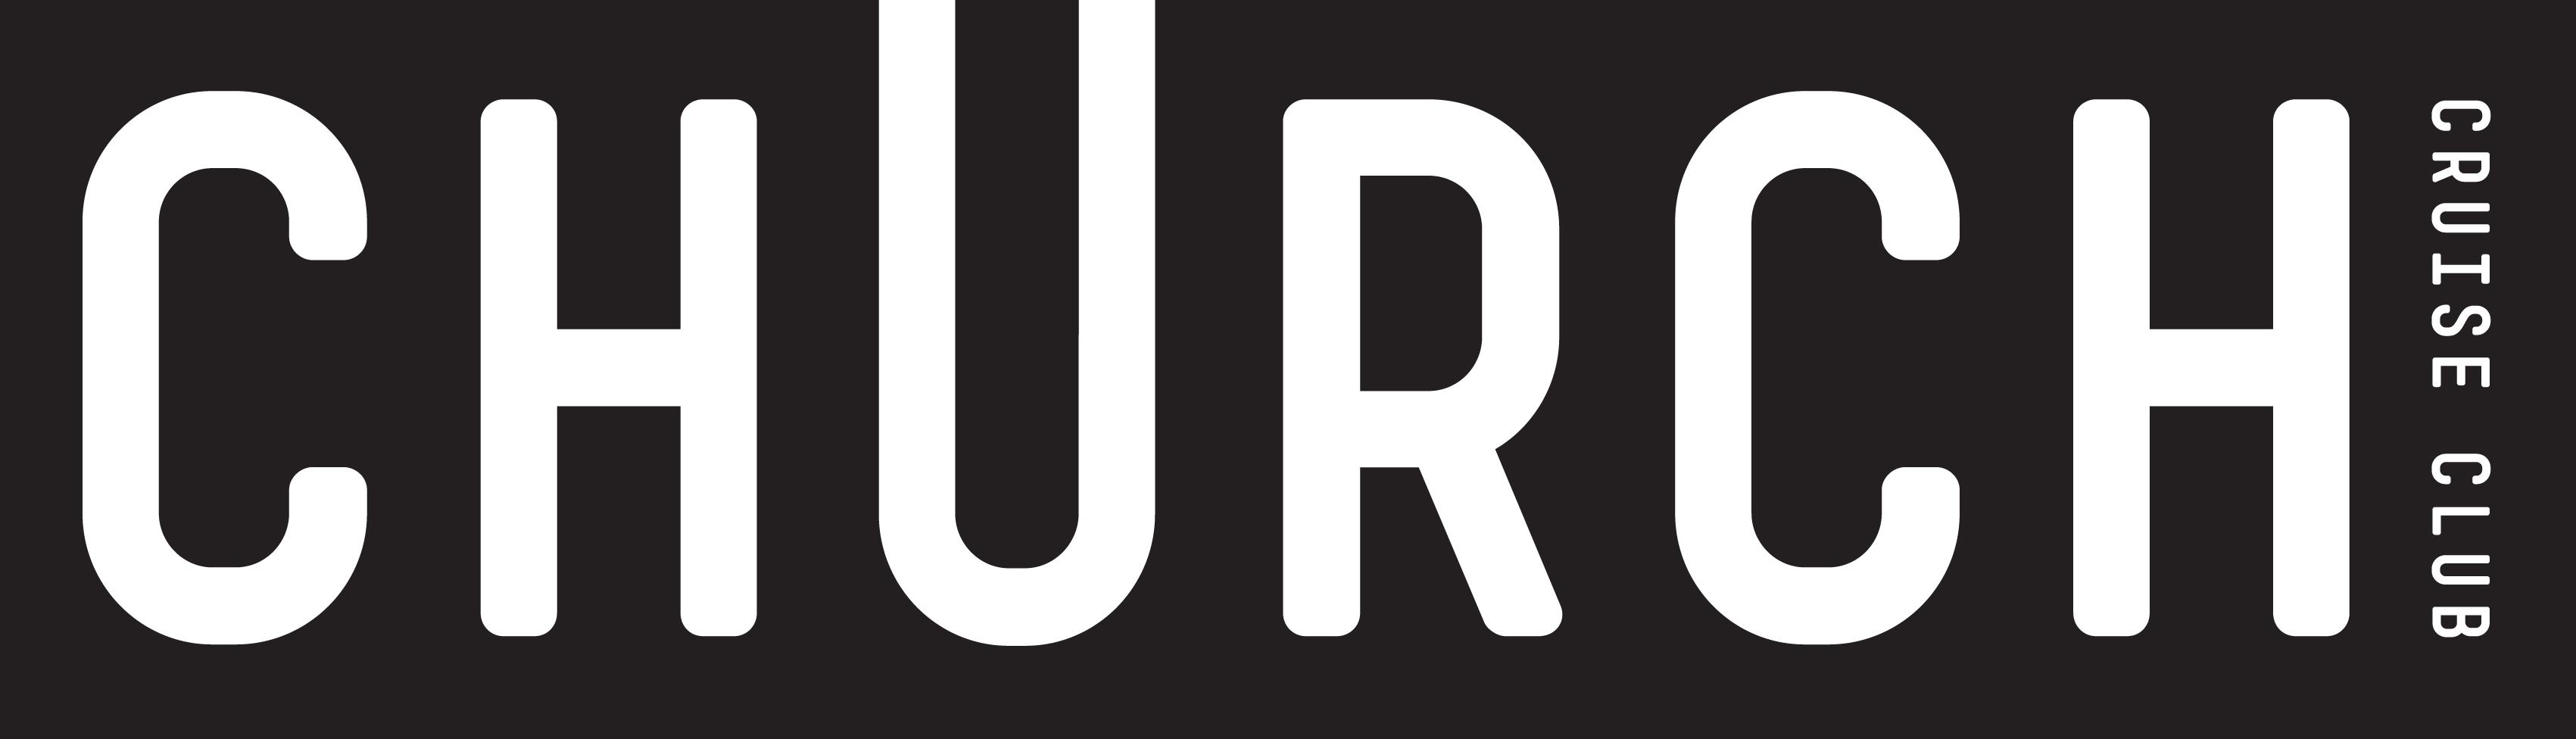 Club ChUrch Amsterdam